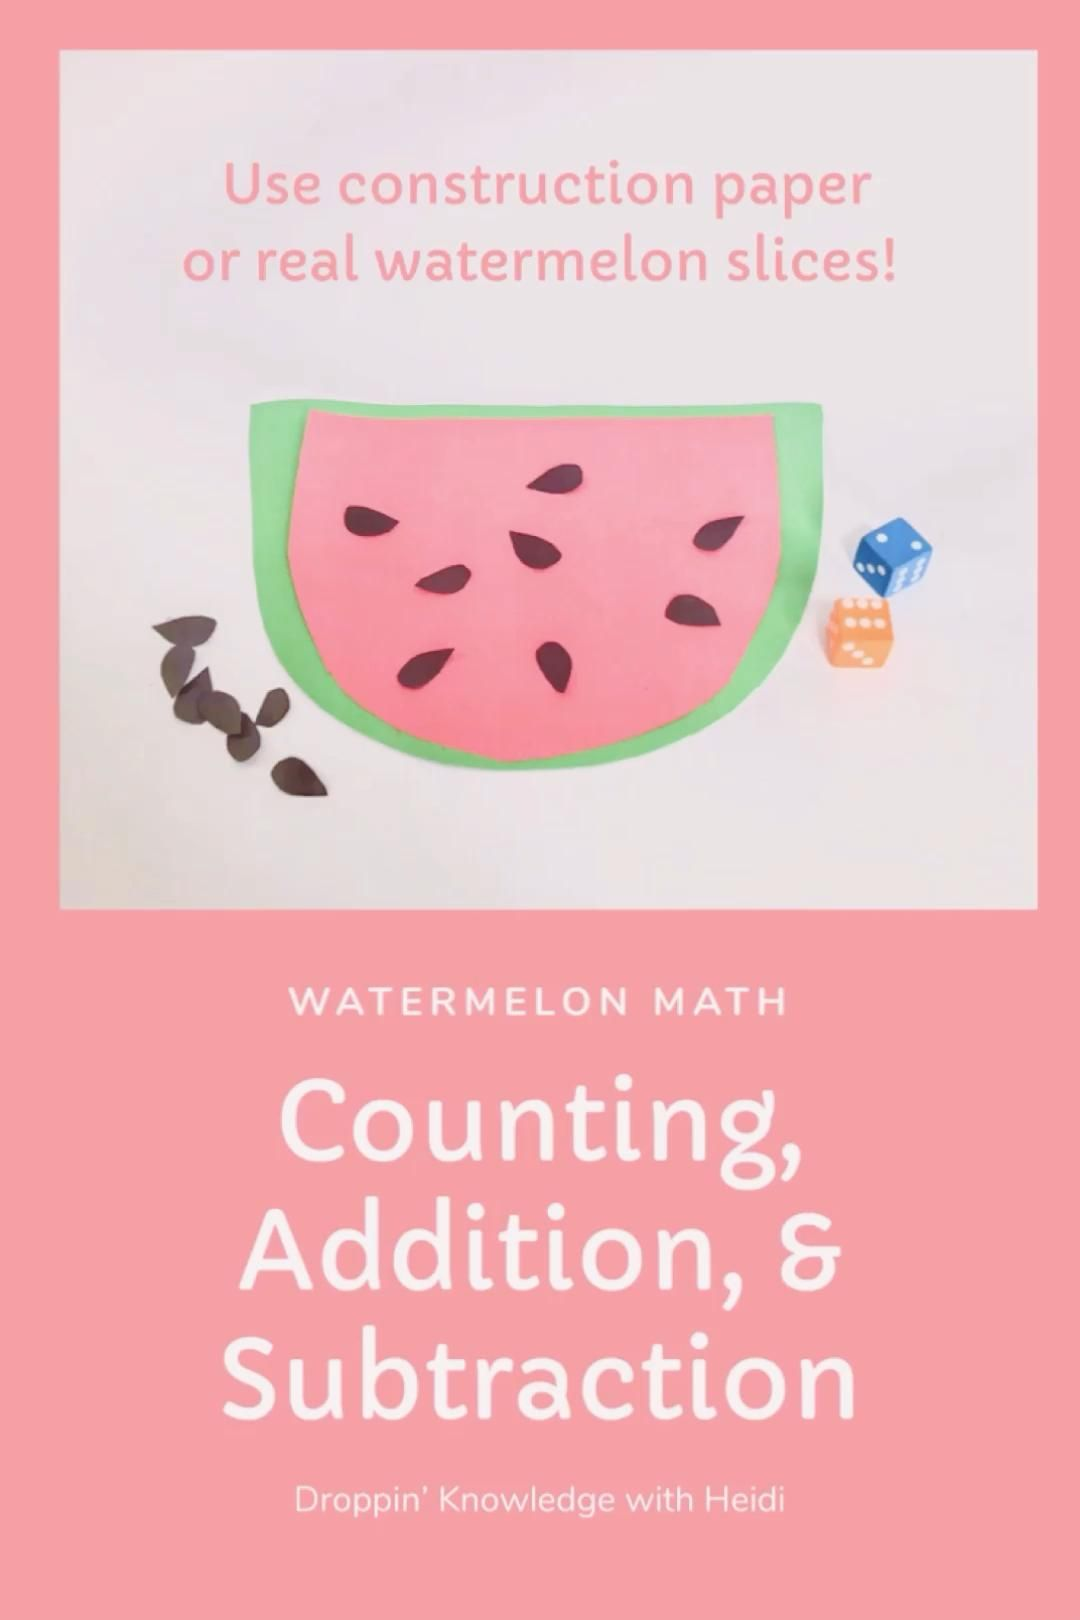 Watermelon Math Video Math Projects Preschool Math Math Activities [ 1620 x 1080 Pixel ]